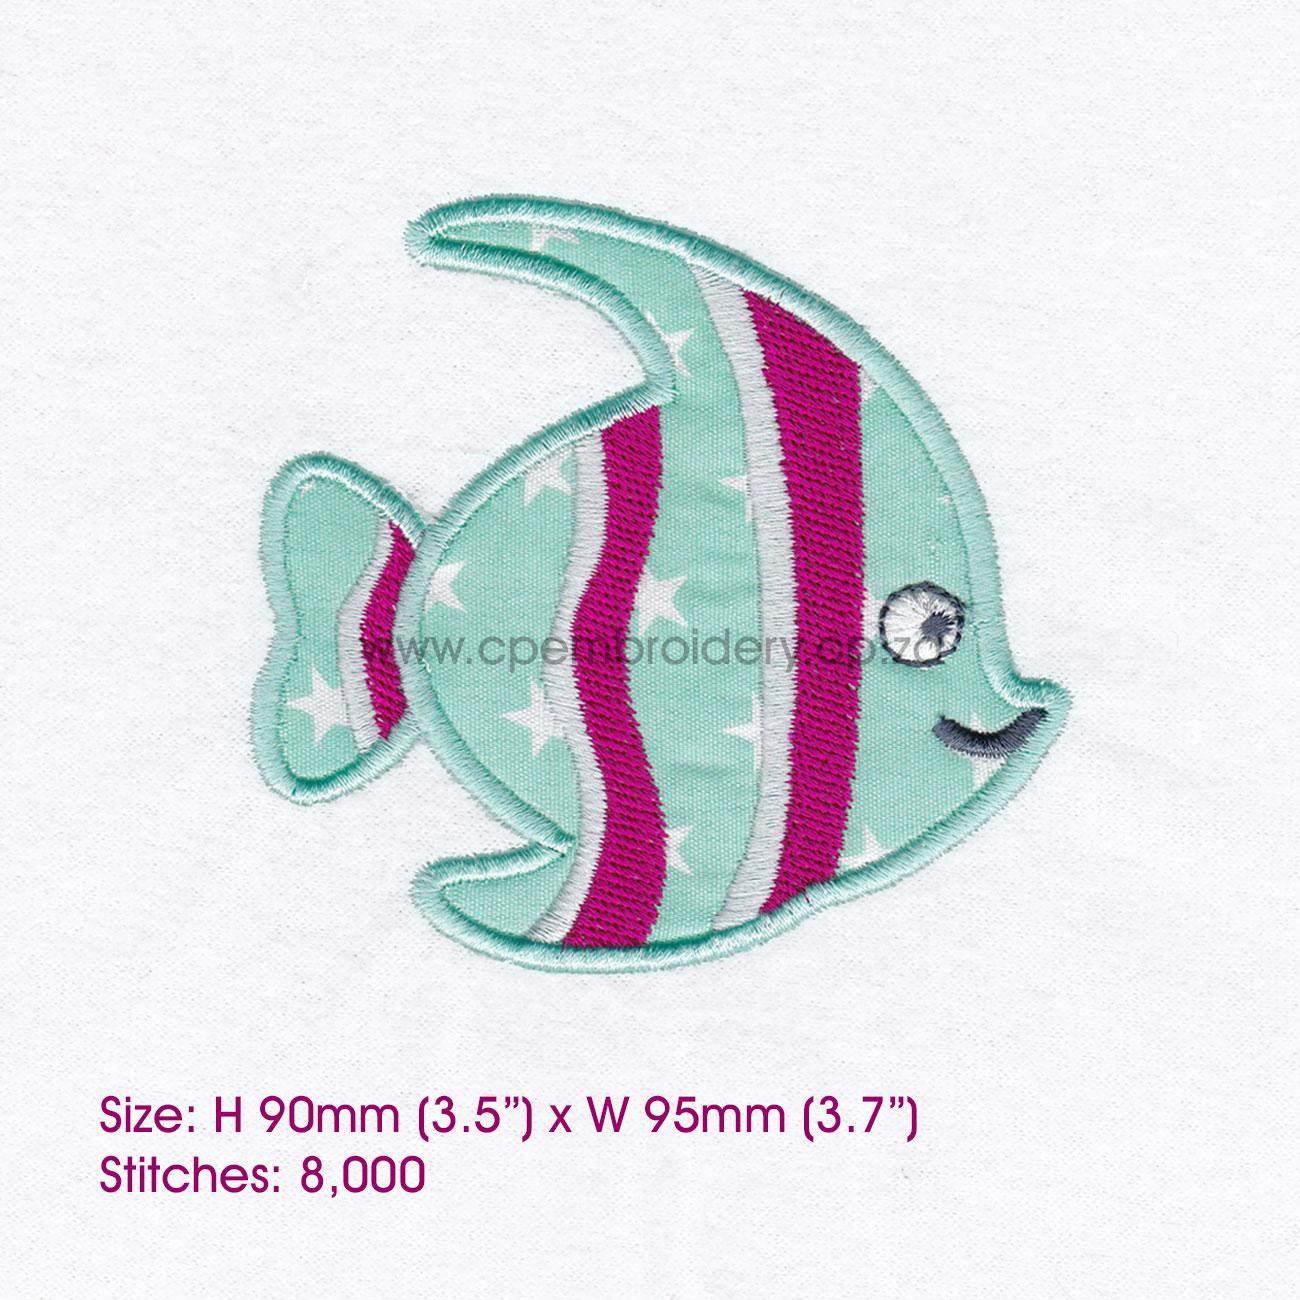 Striped Moorish Idol Pet Fish Applique Design example image 4